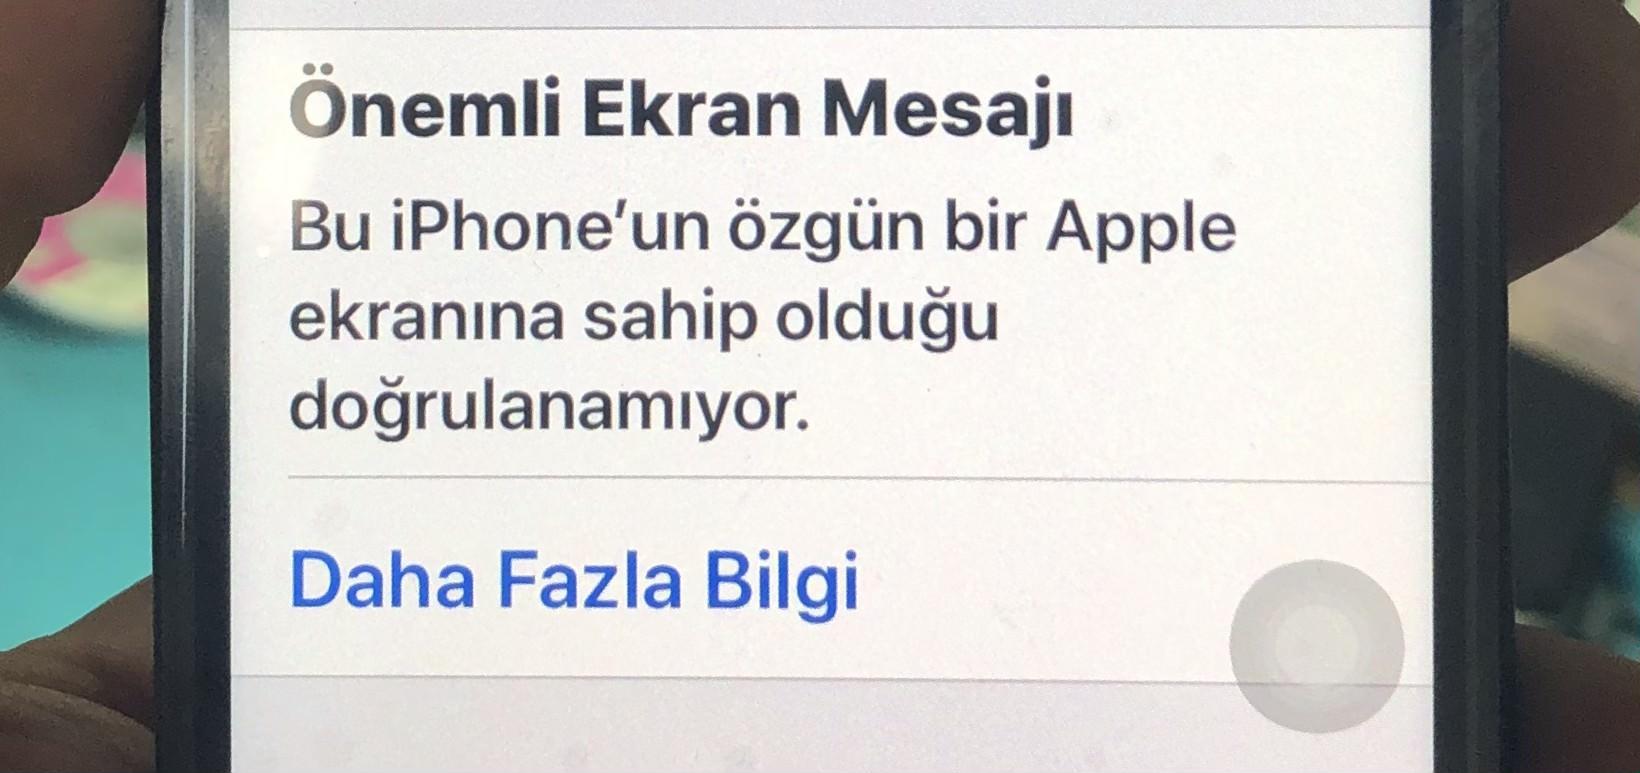 iPhone 11 Önemli Ekran Mesajı